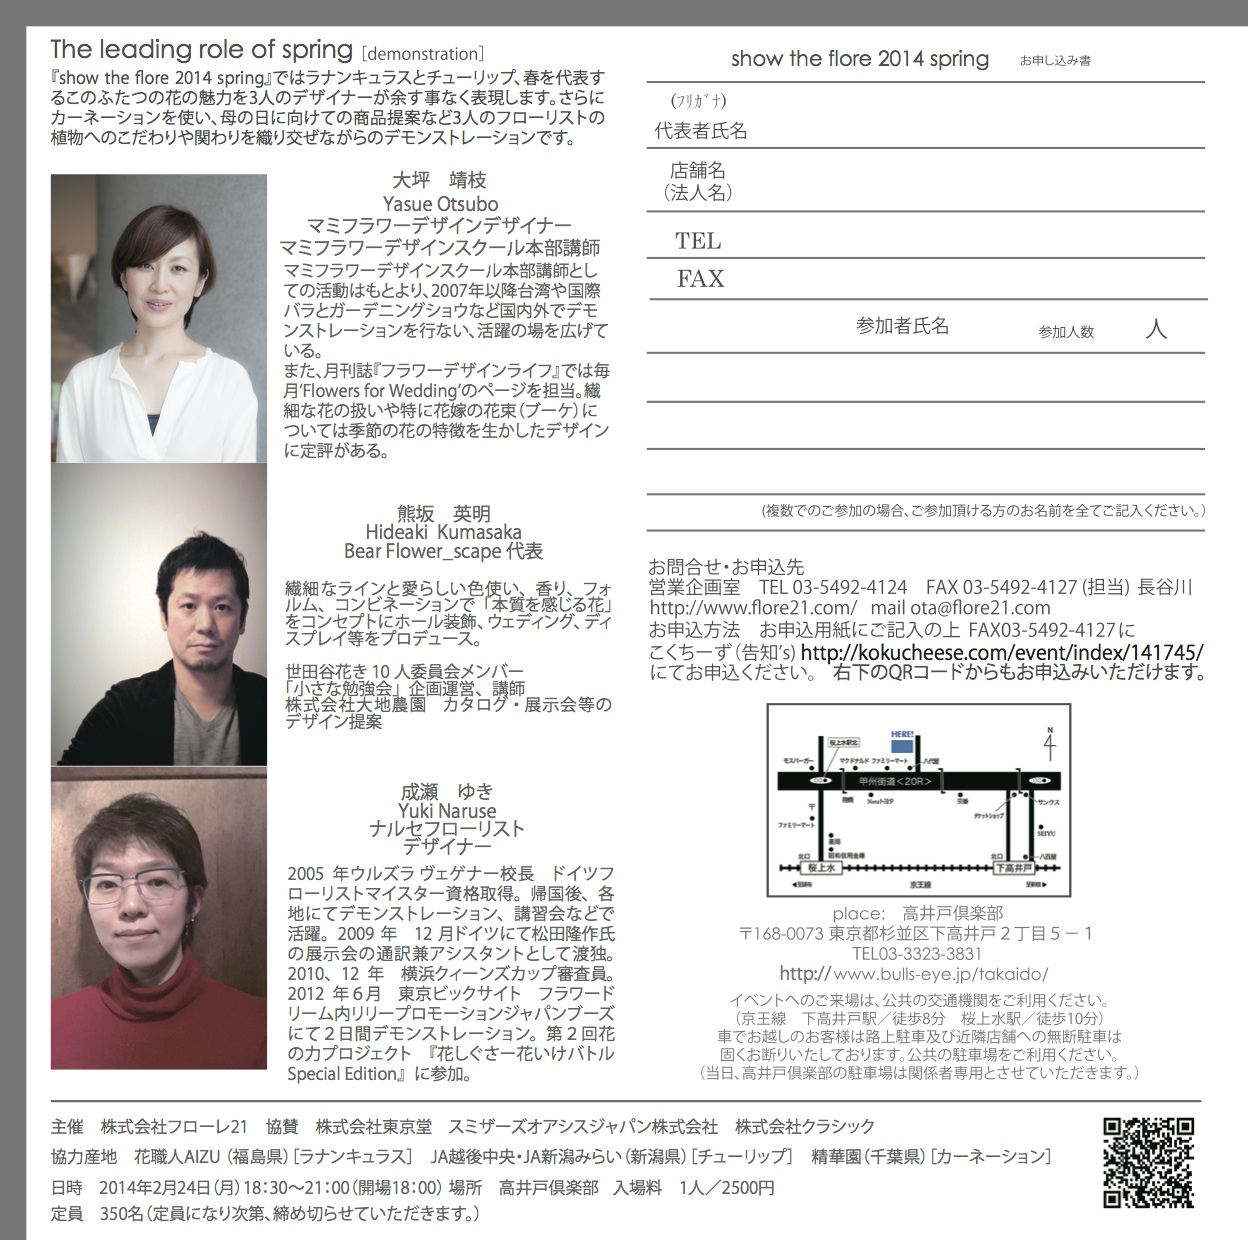 http://flore21.com/contents/show/stf_224_dm_b.jpg